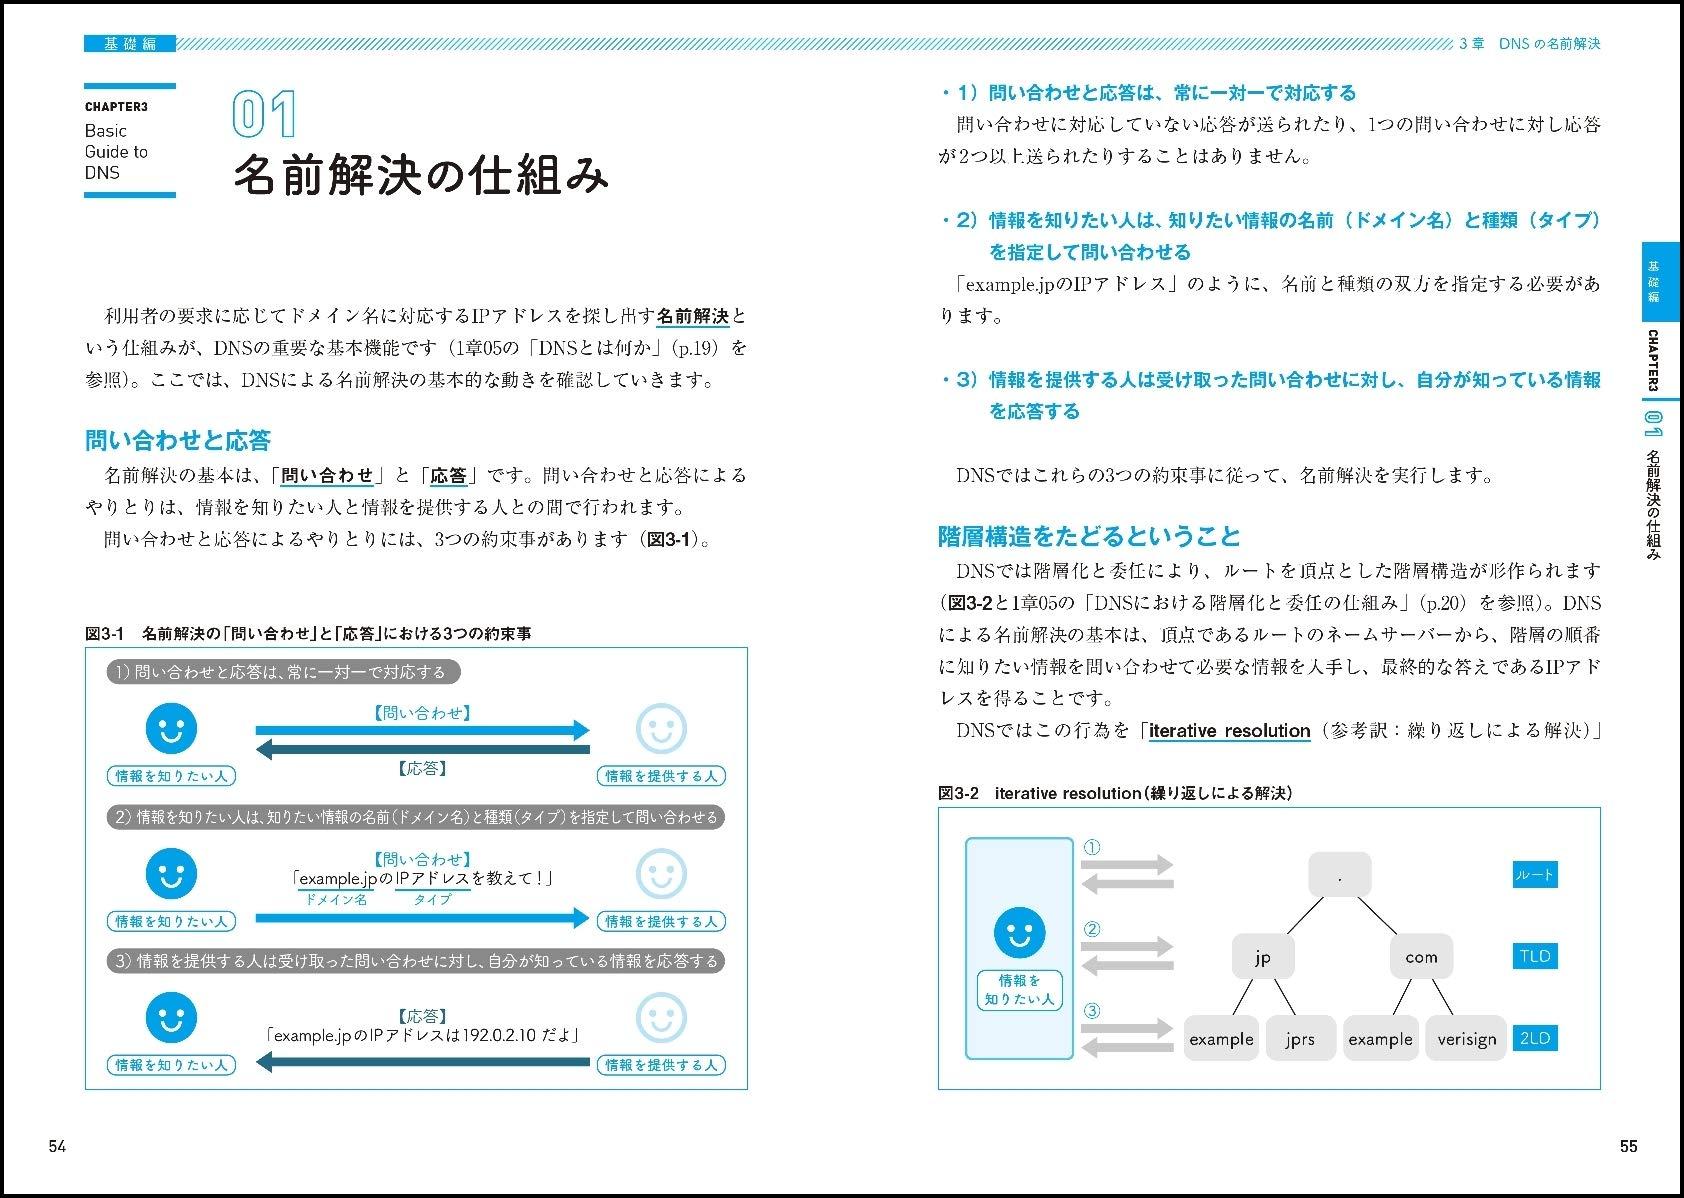 dnsがよくわかる教科書 株式会社日本レジストリサービス jprs 渡邉